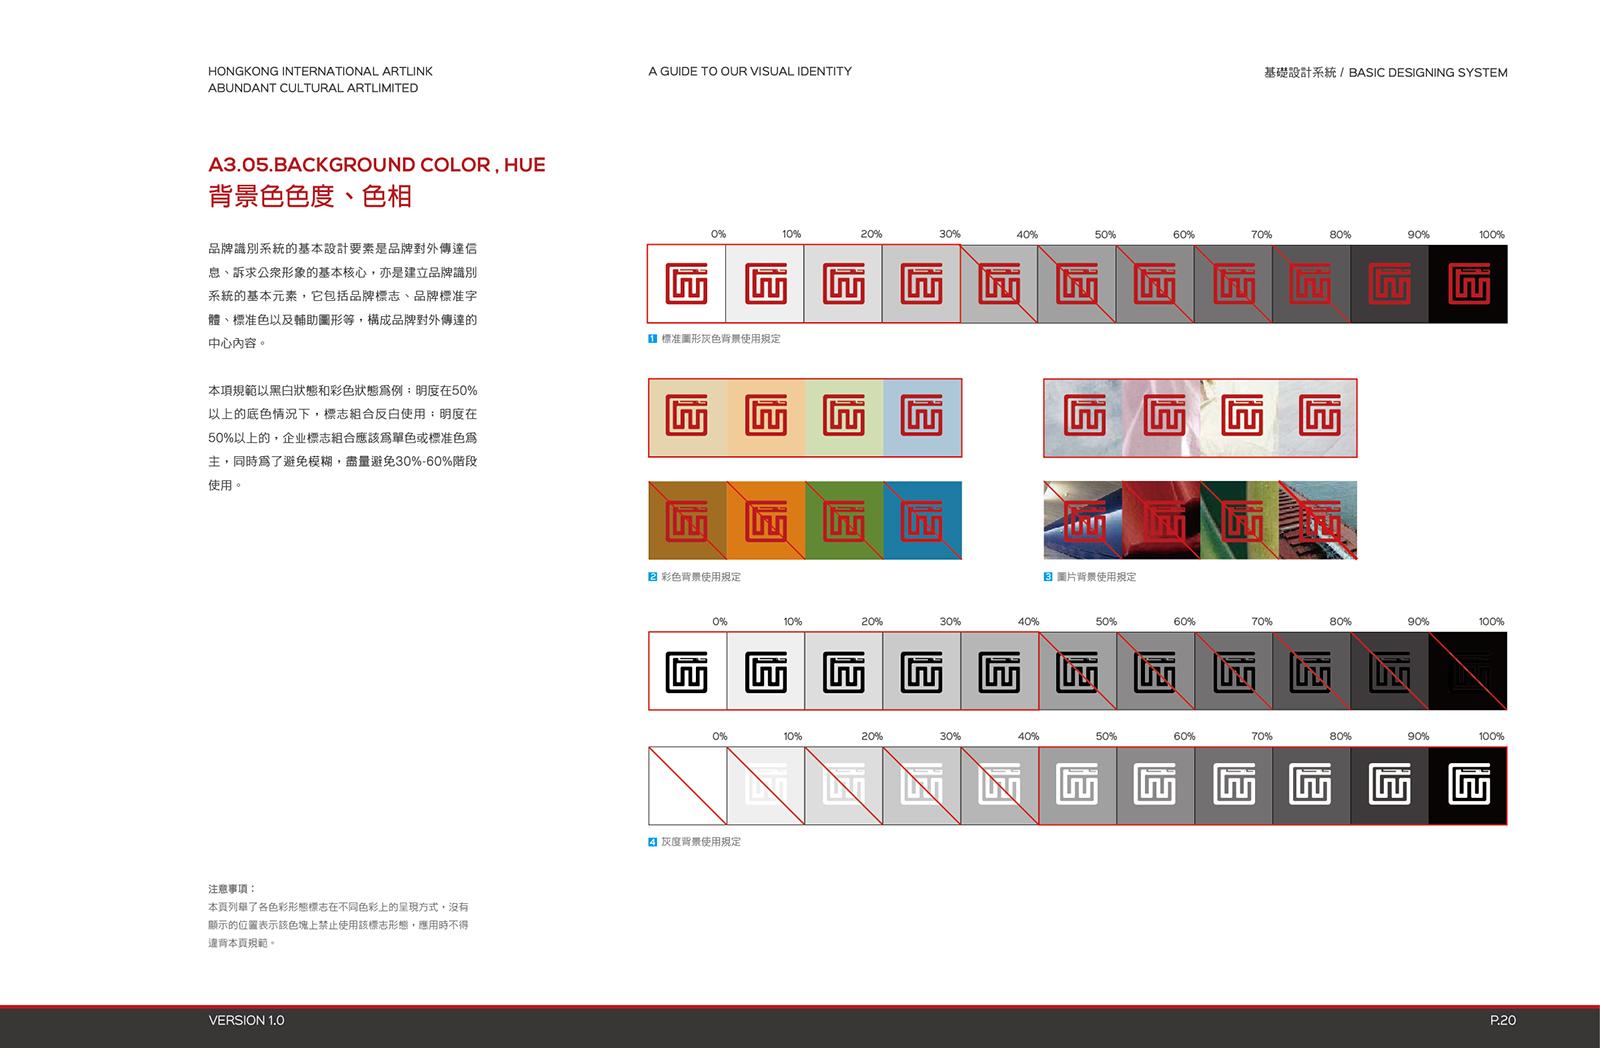 万丰国际集团品牌形象识别设计-深圳VI设计7